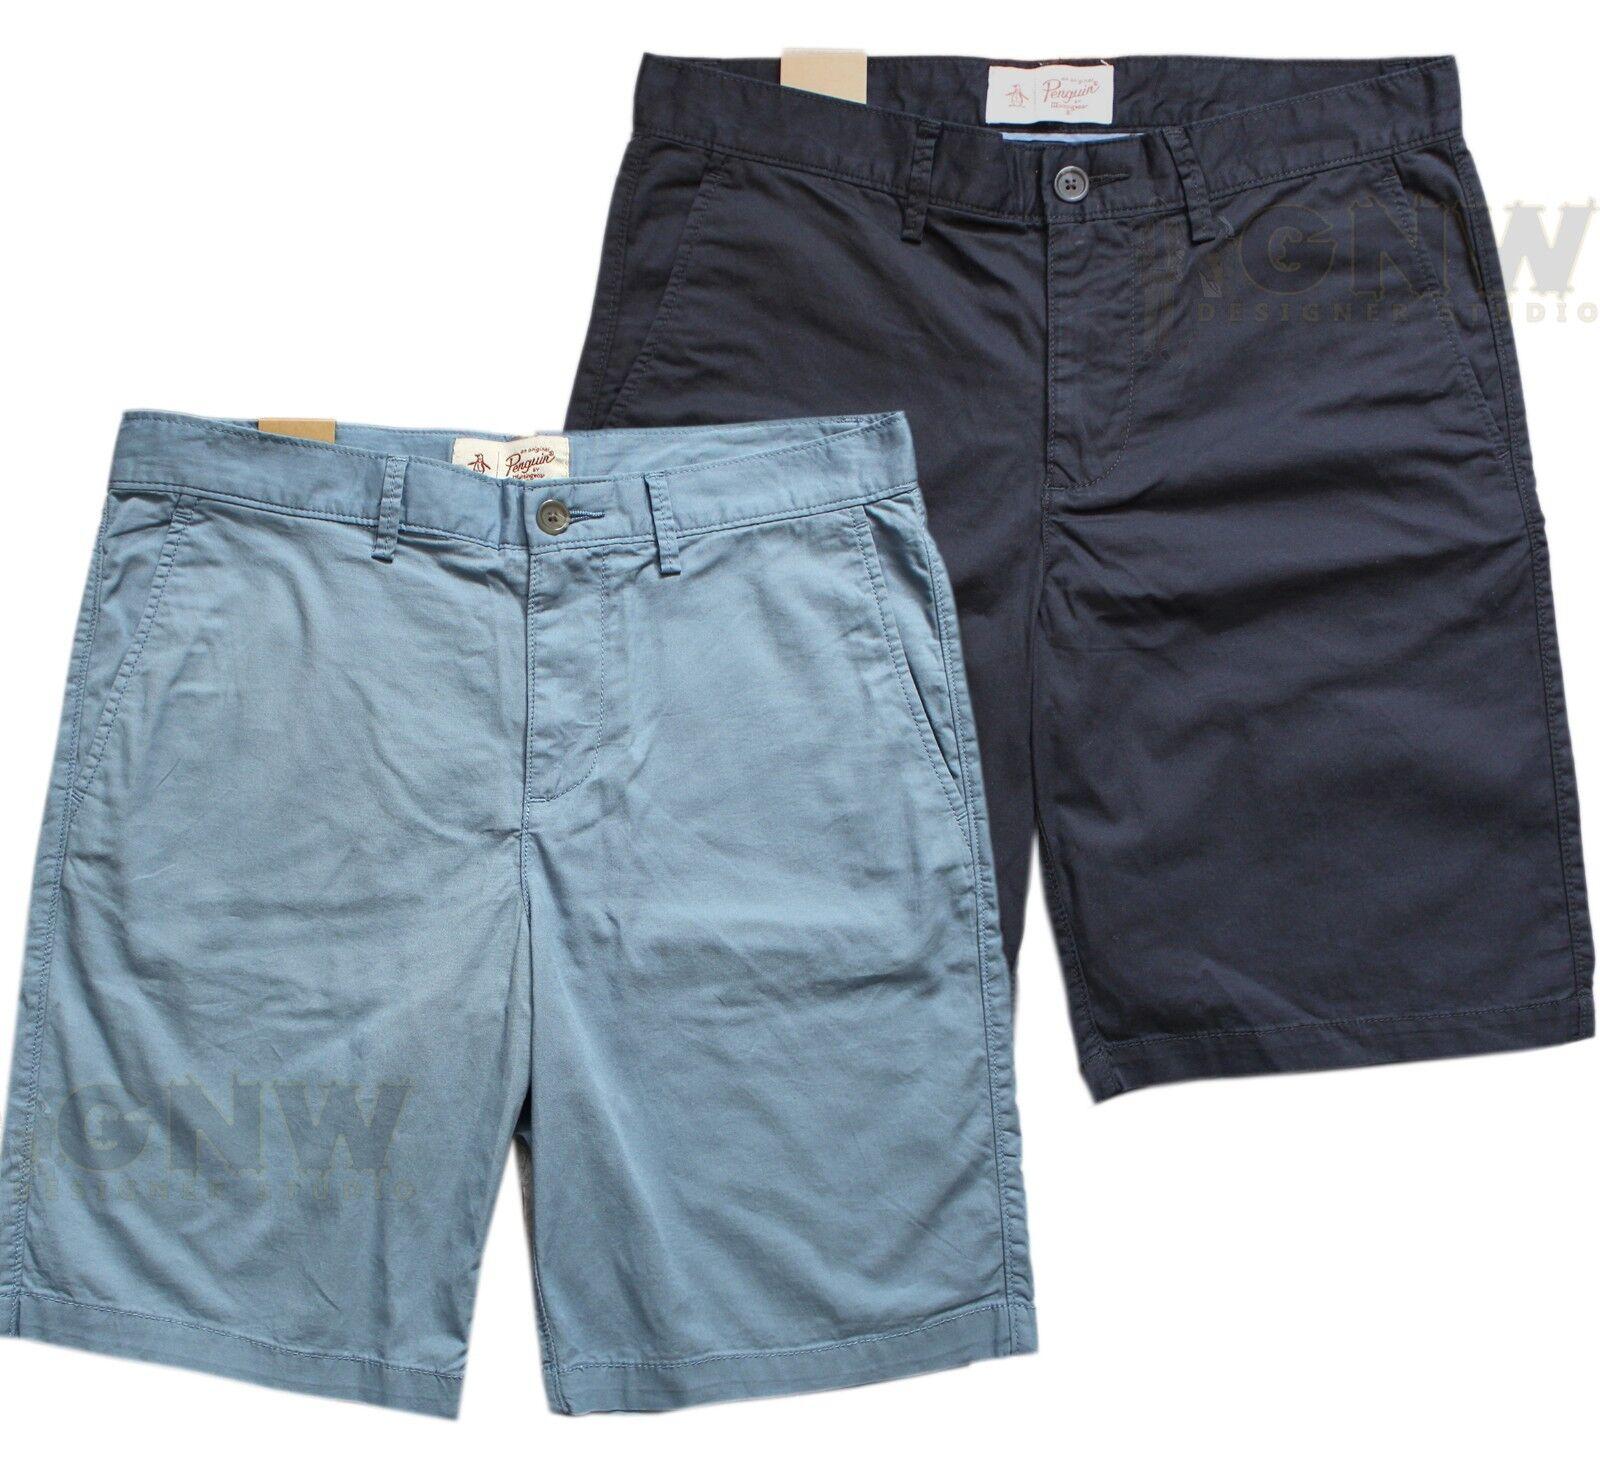 Original Pinguin Herren 4 Taschen Stretch Logo Shorts schwarz, blau, Marineblau    Die Farbe ist sehr auffällig